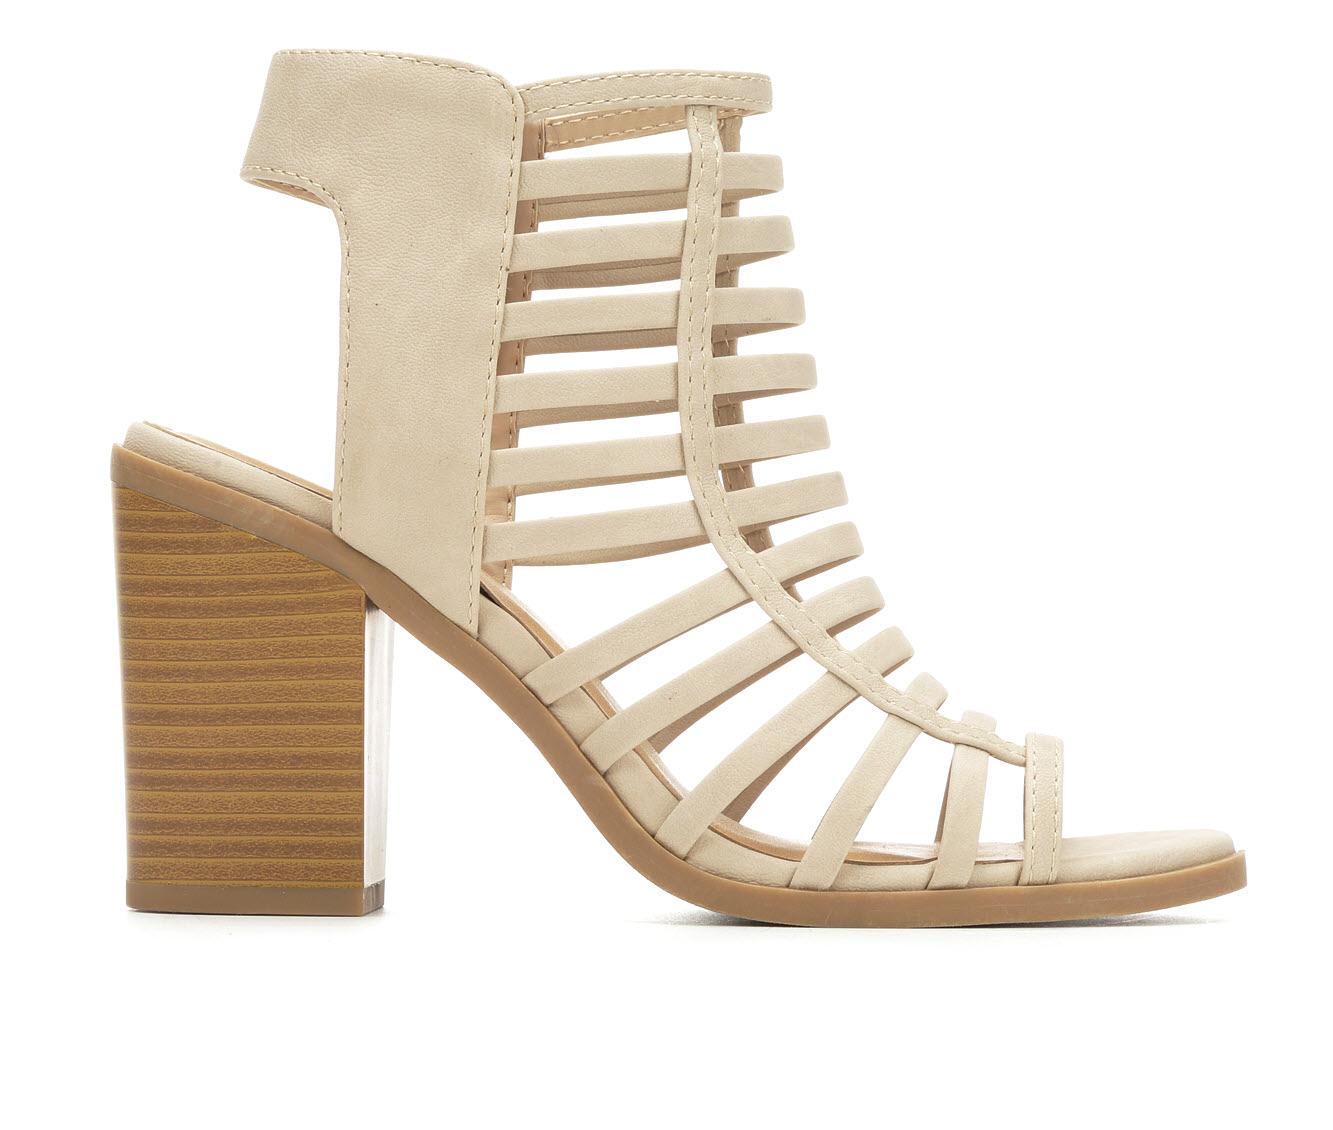 Soda Depth Women's Dress Shoe (Beige Faux Leather)